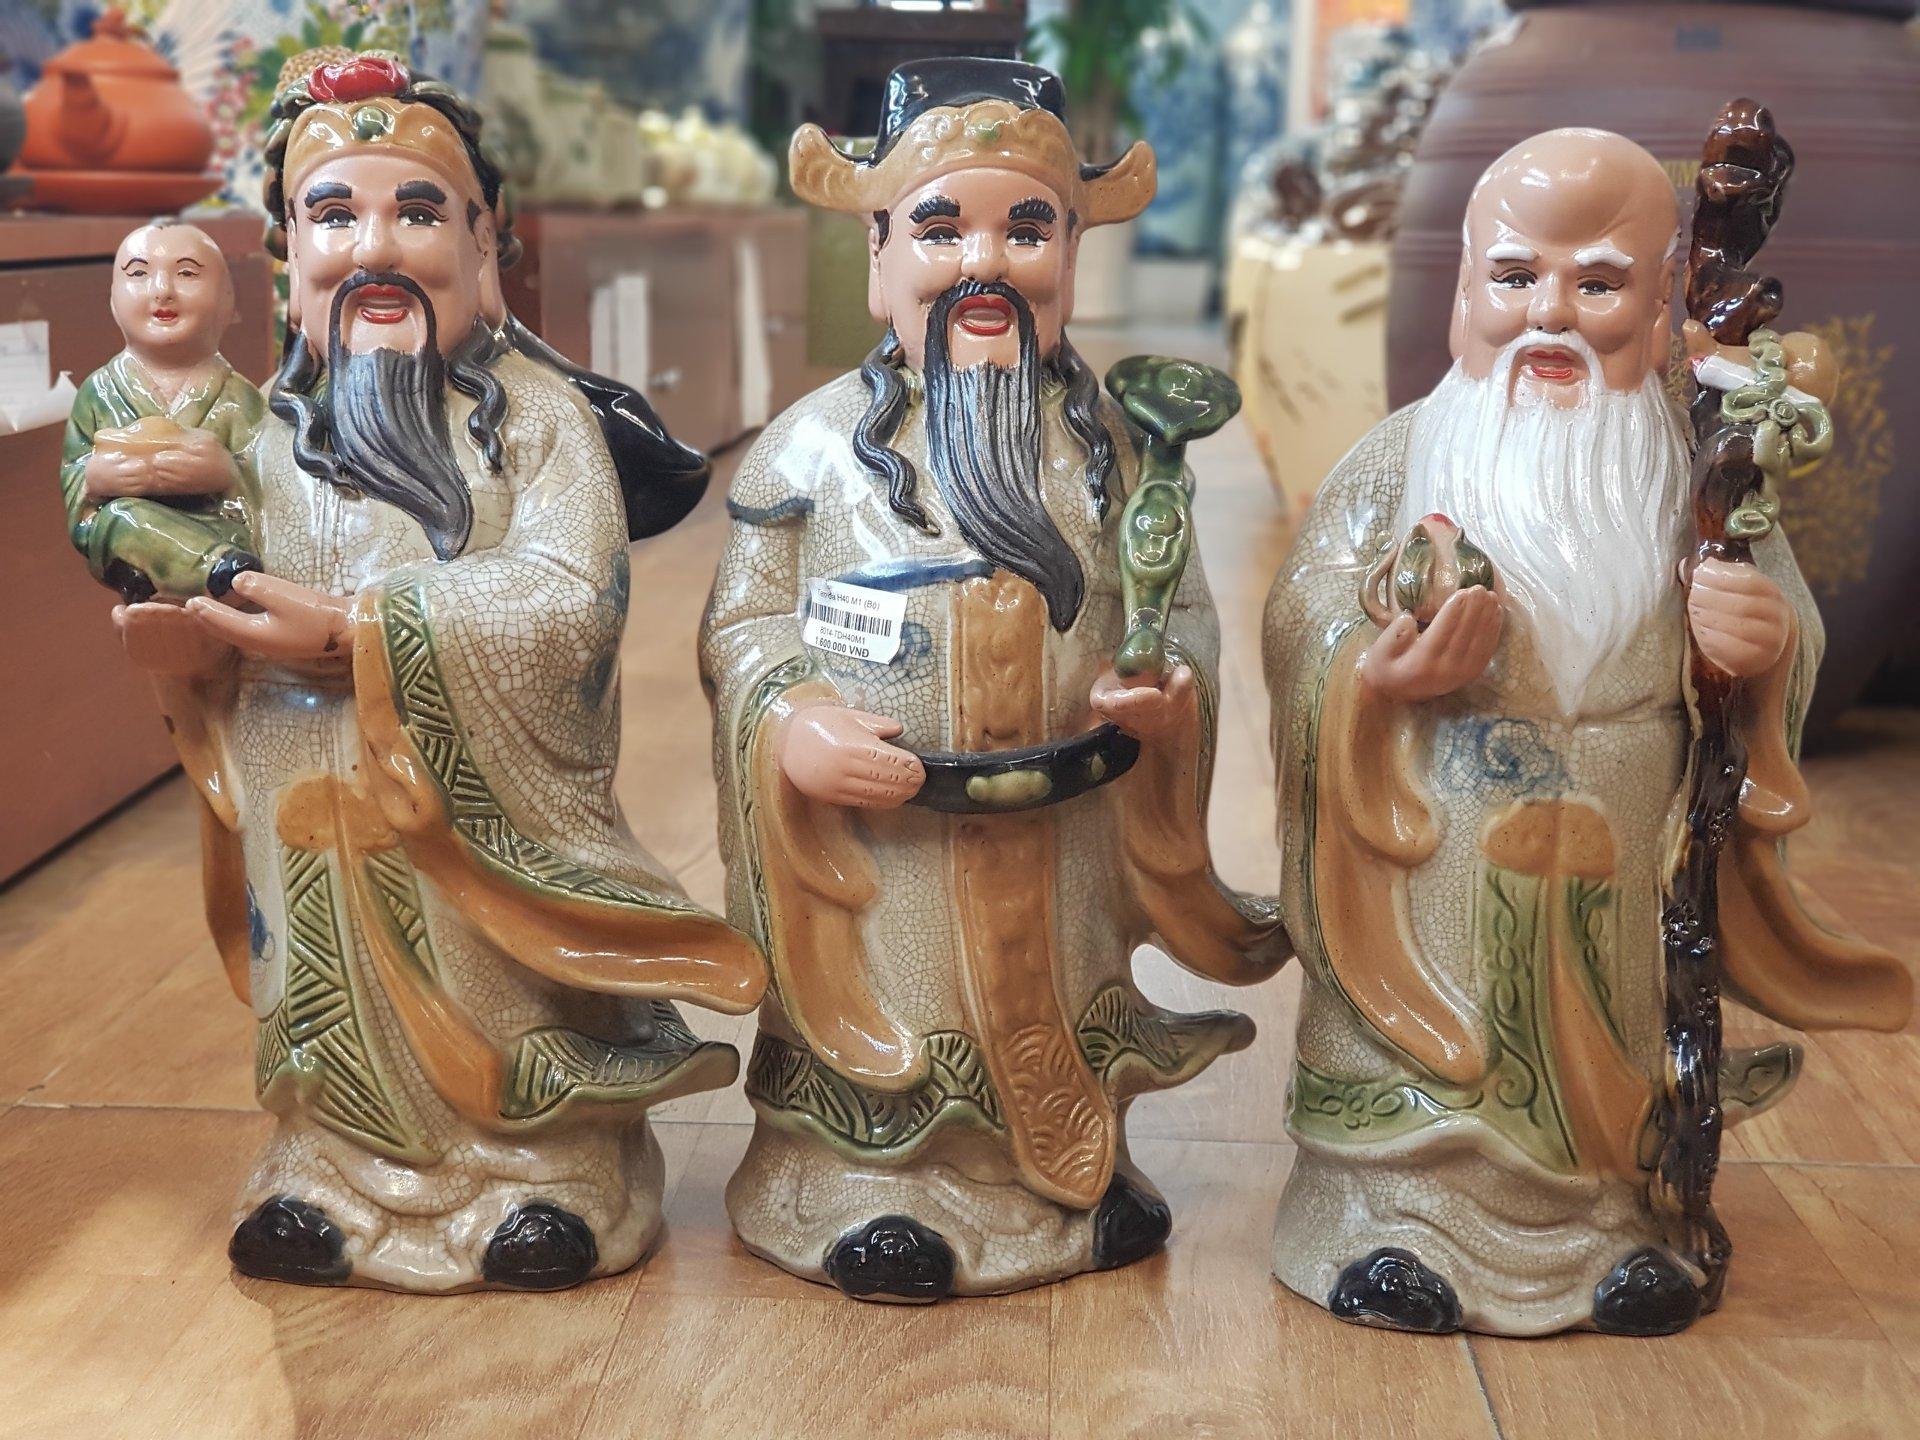 Ý nghĩa của bộ tượng Tam Đa - Tủ thờ tam đa